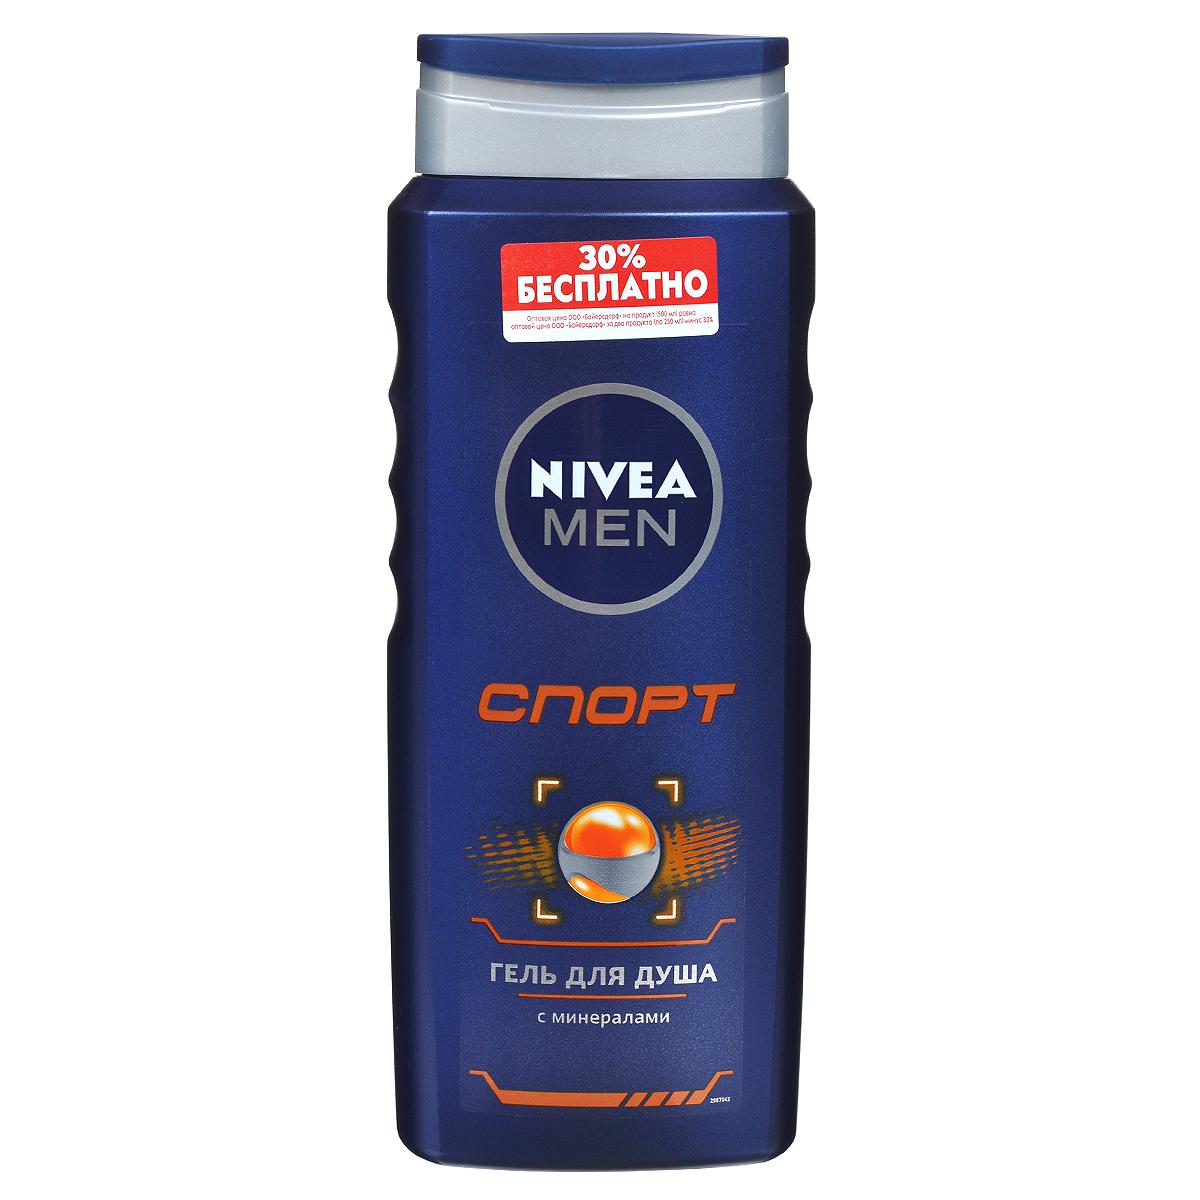 NIVEA Гель для душа Спорт 500 мл10013318•Ухаживающая формула геля обеспечивает интенсивное увлажнение, а свежий аромат лайма заряжает энергией на целый день.